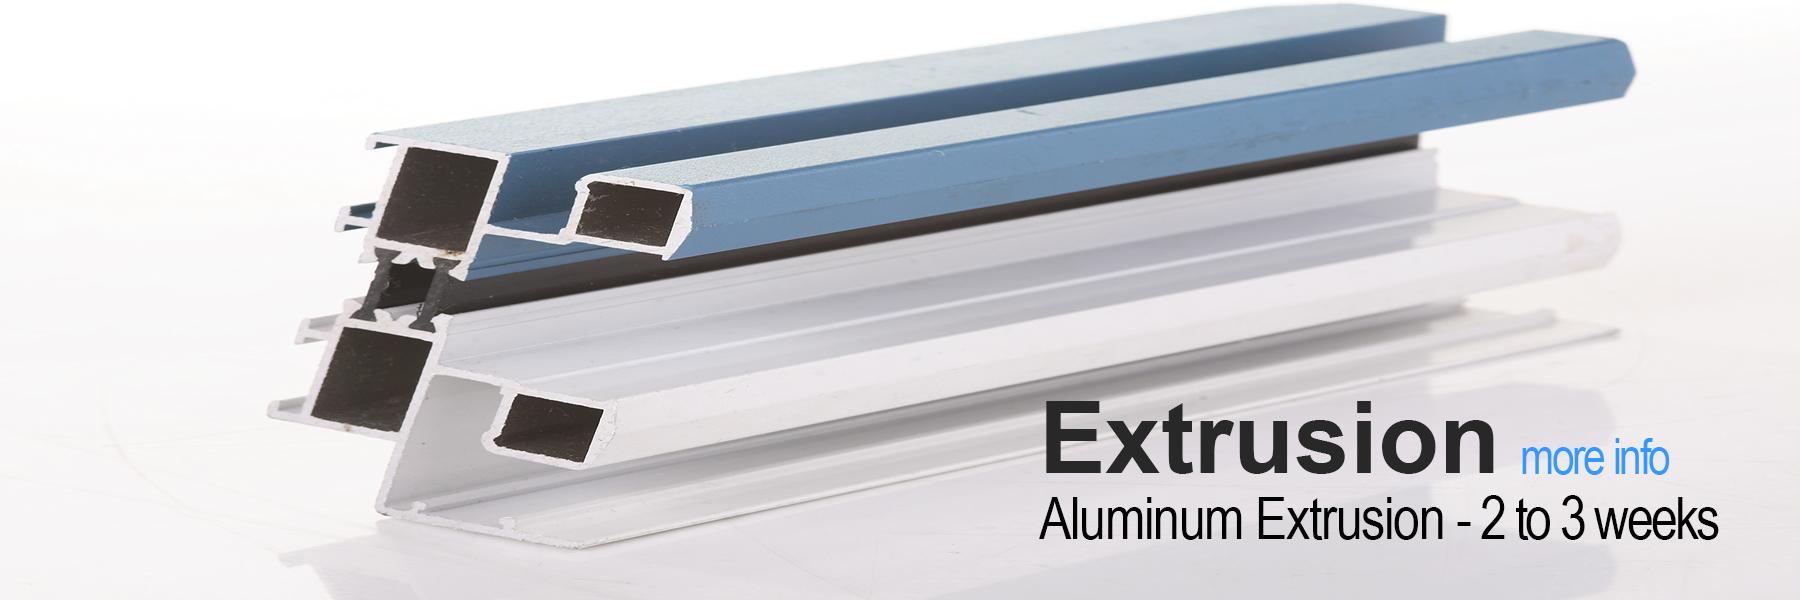 Rapid Prototype Extrusion - Aluminum